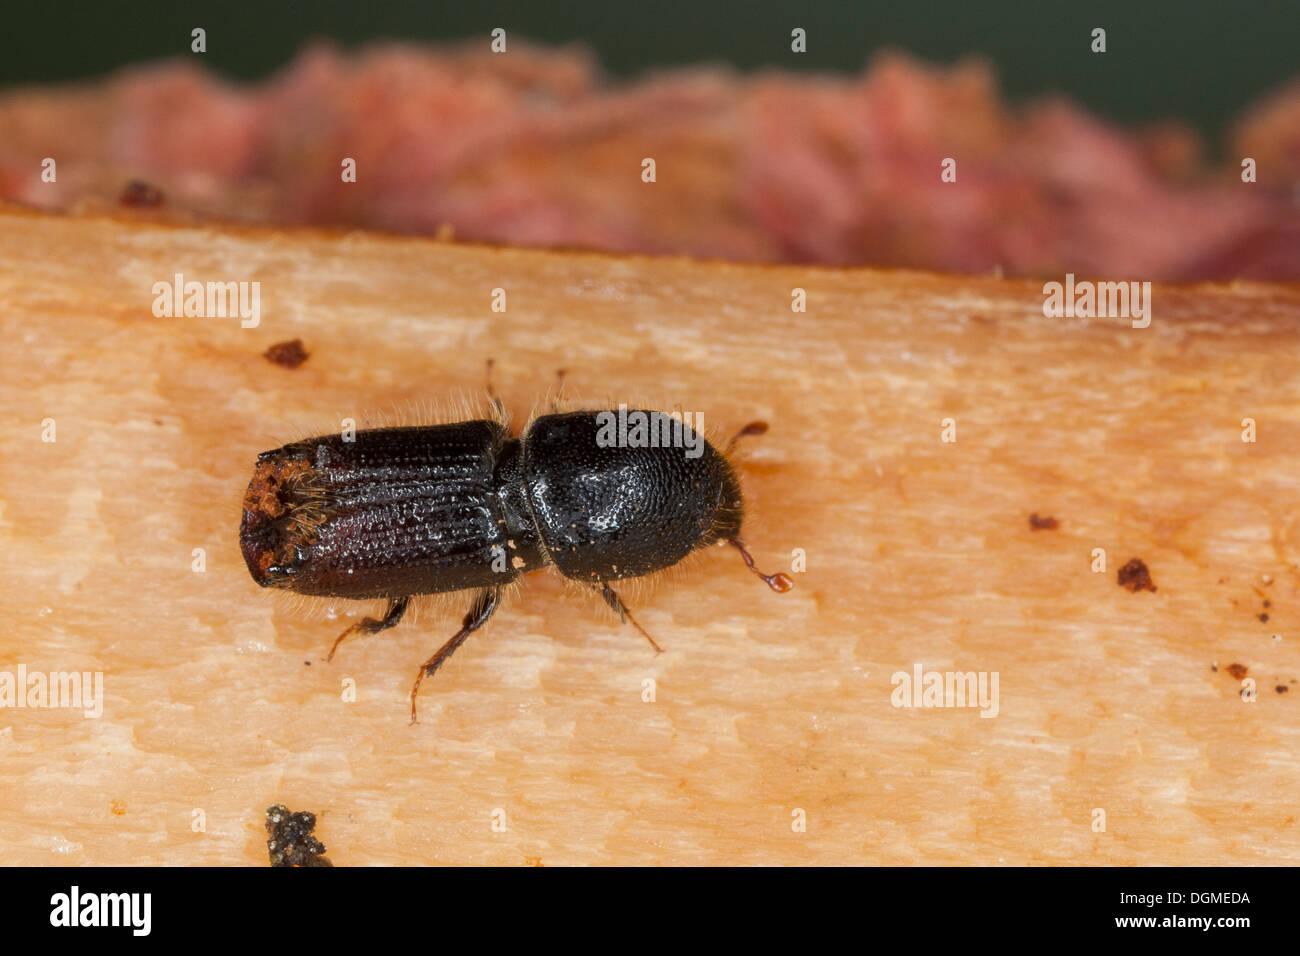 bark beetle, Borkenkäfer, Borken-Käfer, Ips spec., Ips cf. sexdentatus, Schädlinge, Schädling - Stock Image